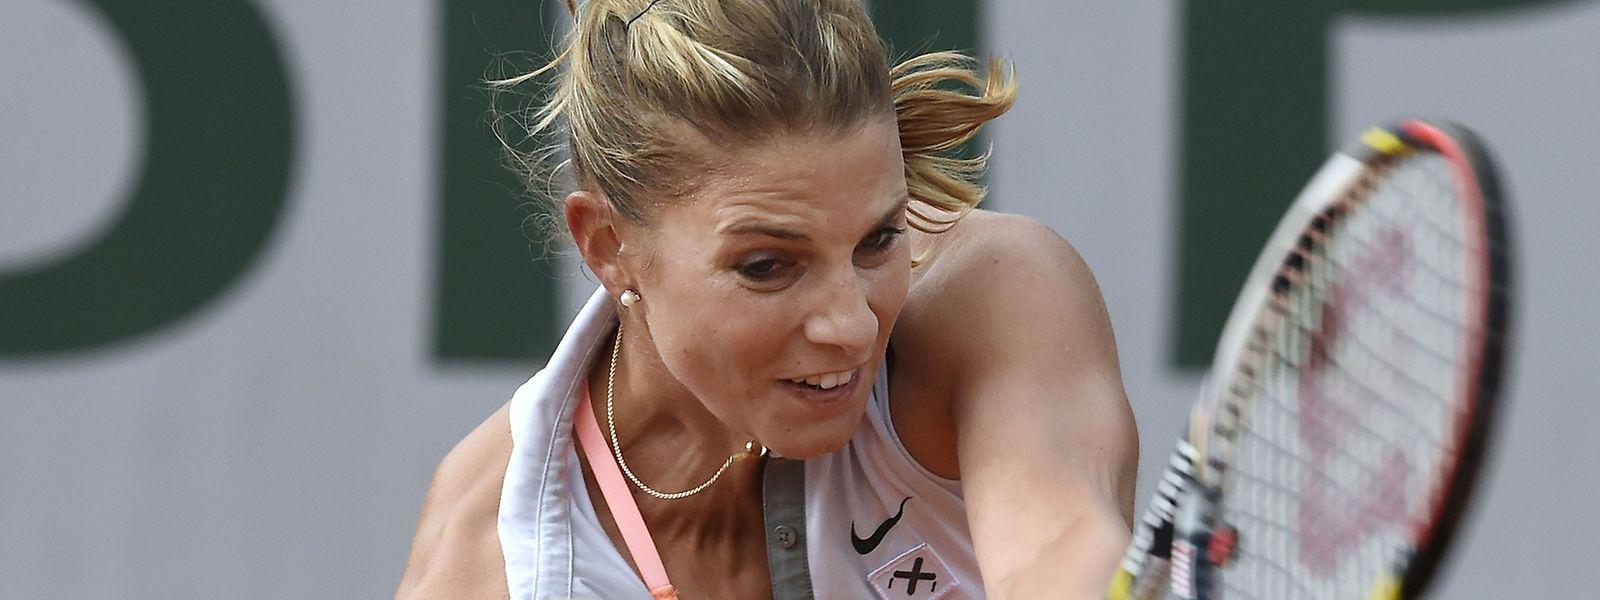 Mandy Minella bewies im dritten Durchgang Nerven.